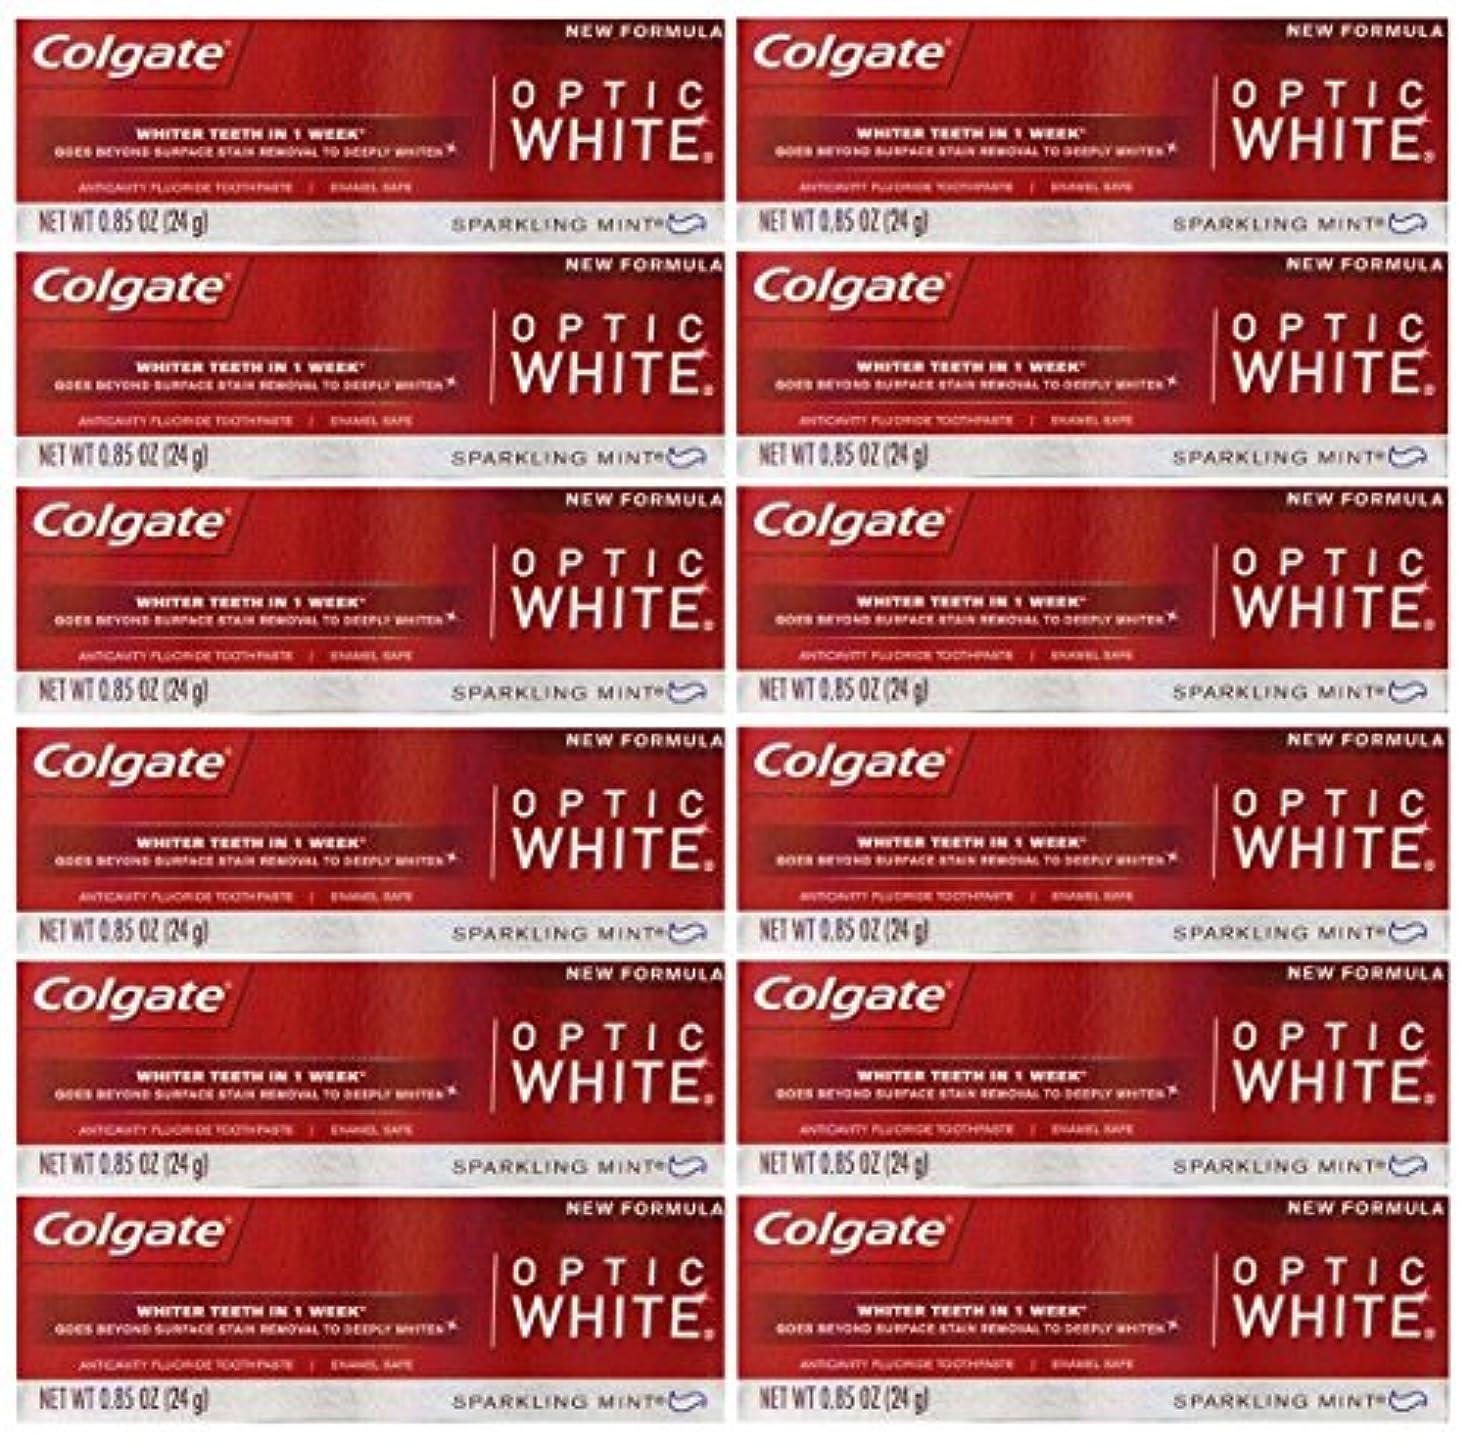 ボックスカフェスキーColgate 12パック - ハミガキ、スパークリングホワイト、スパークリングミント、トラベルサイズ0.85オンスホワイトニングオプティックホワイト歯